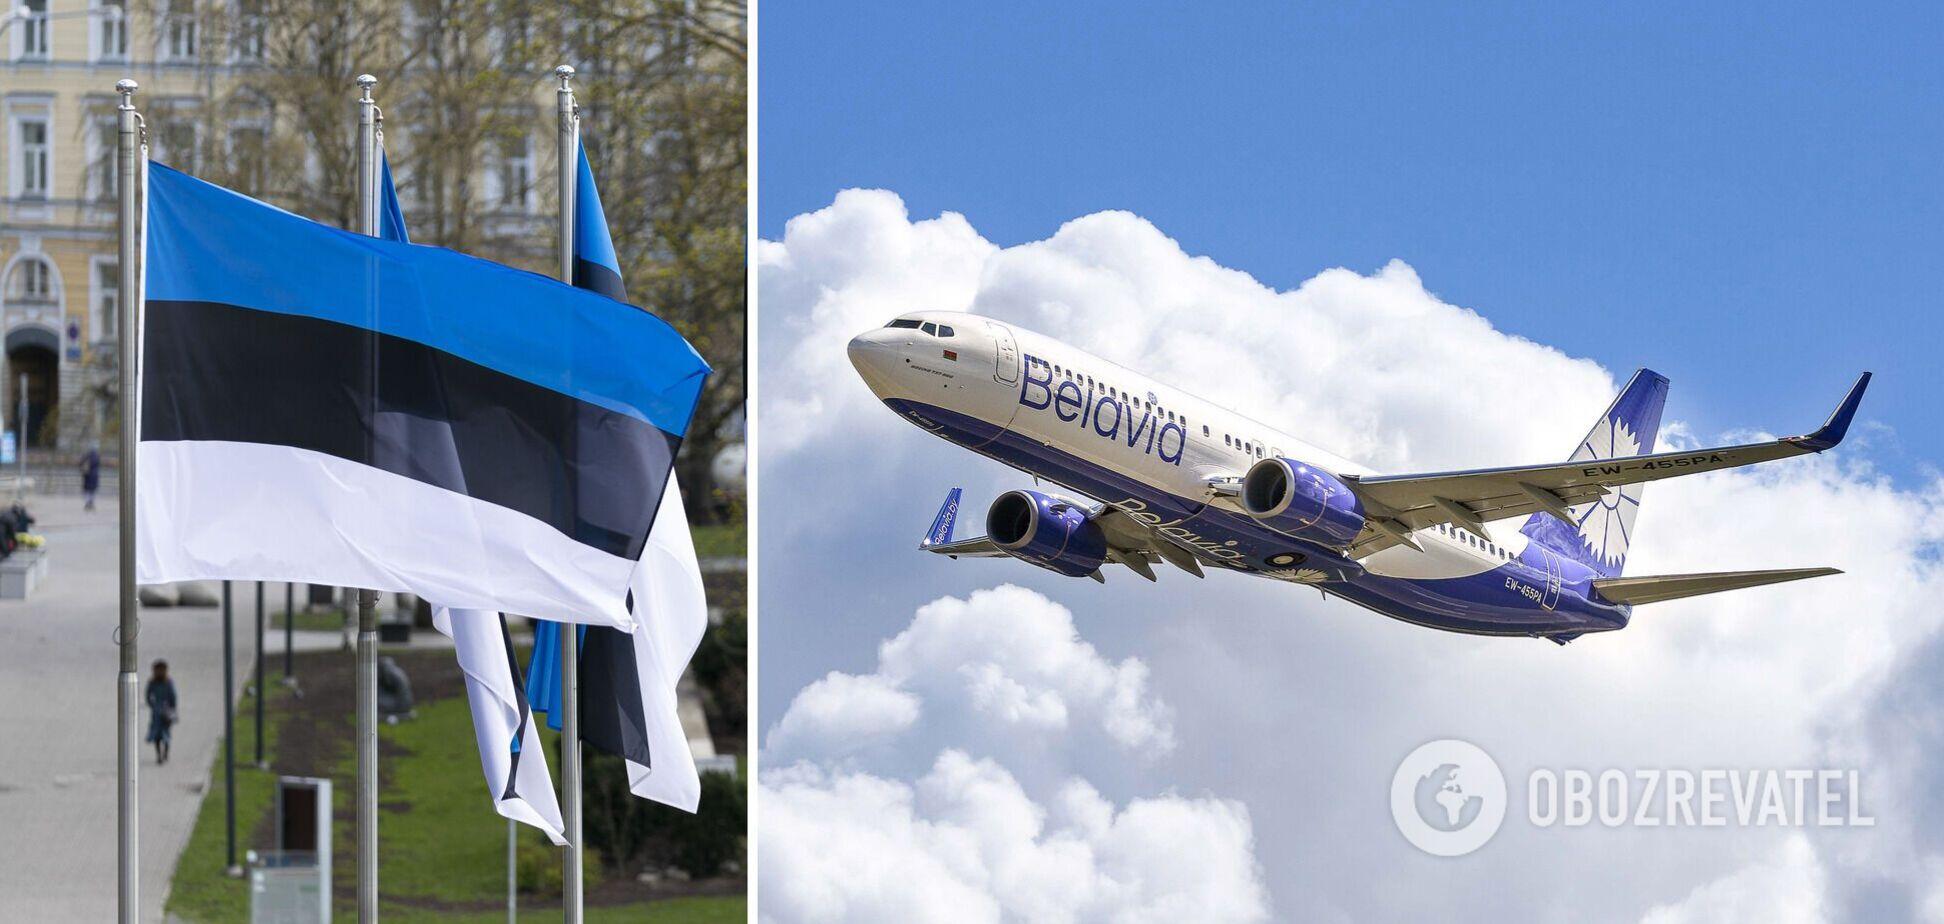 Ще одна країна заборонила польоти 'Бєлавіа'